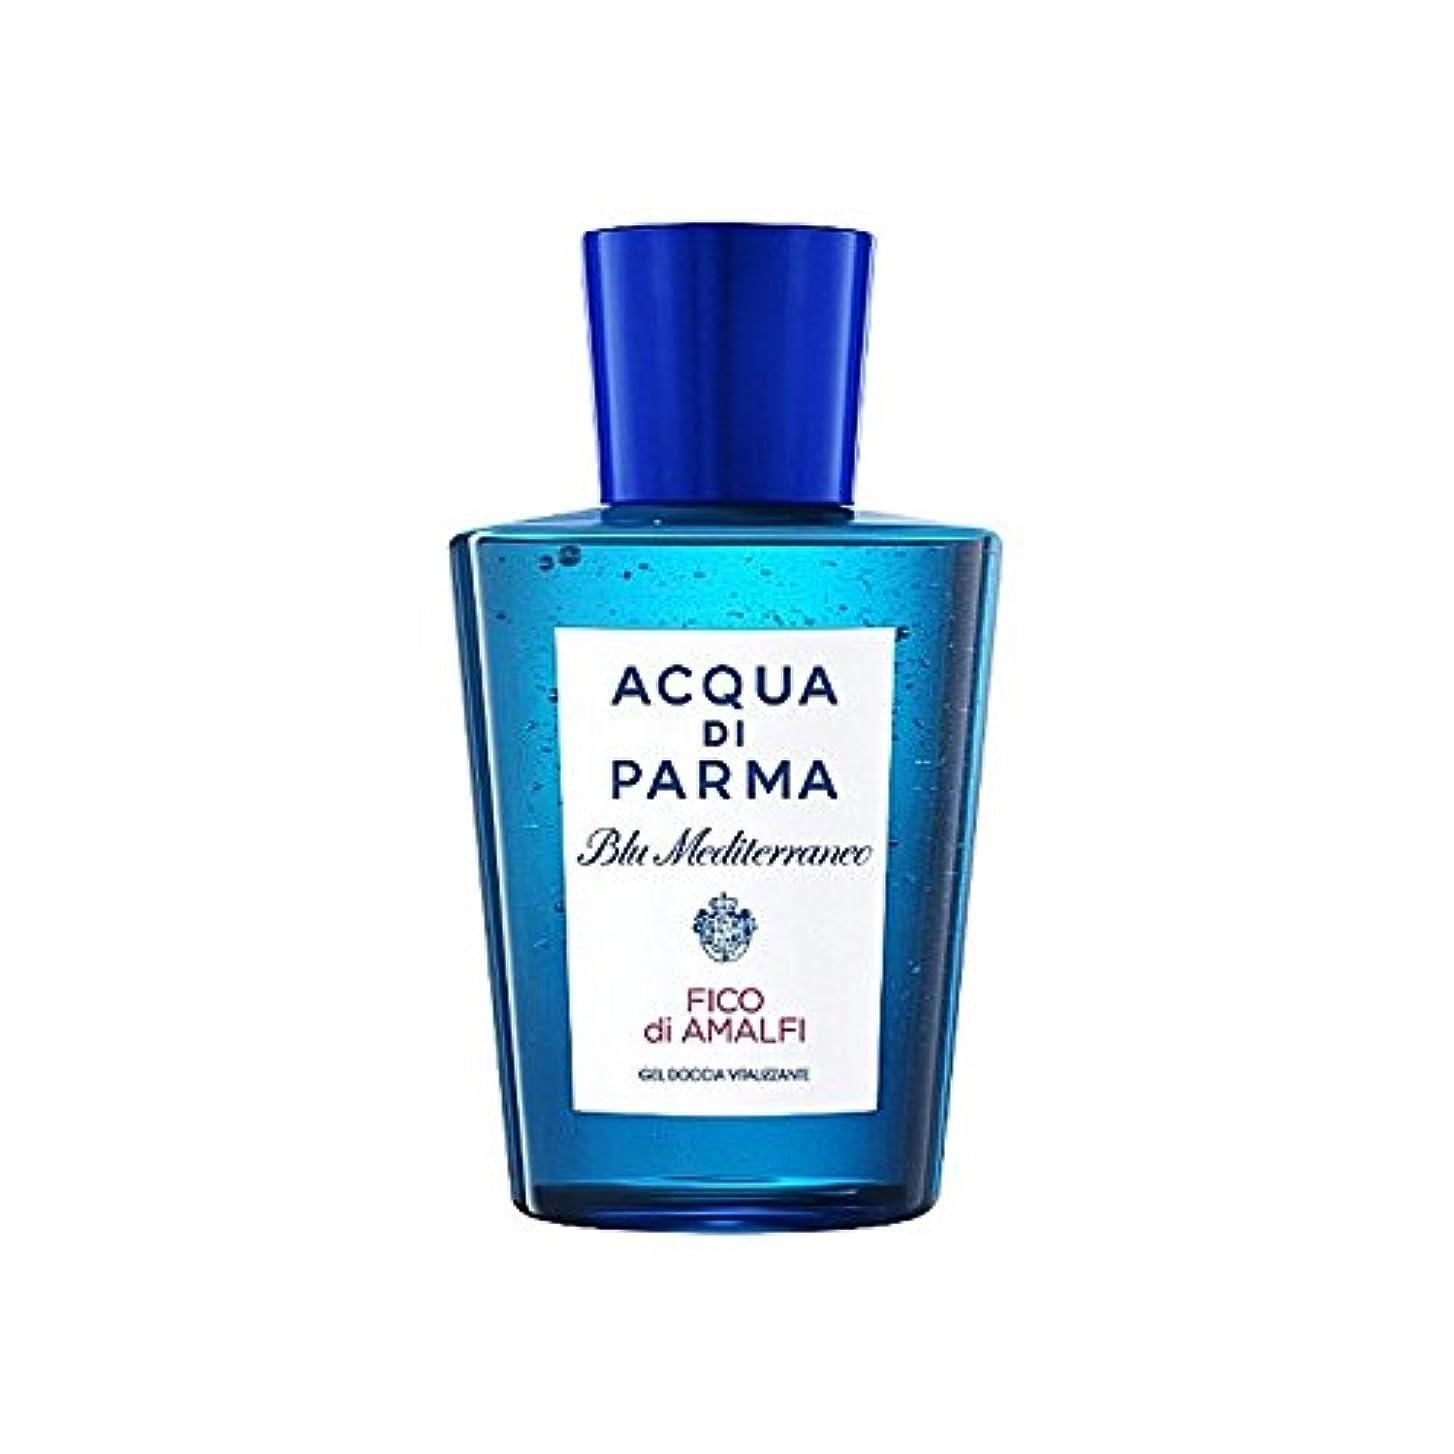 注入びっくりするスナップAcqua Di Parma Blu Mediterraneo Fico Di Amalfi Shower Gel 200ml - アクアディパルマブルーメディジアマルフィシャワージェル200 [並行輸入品]